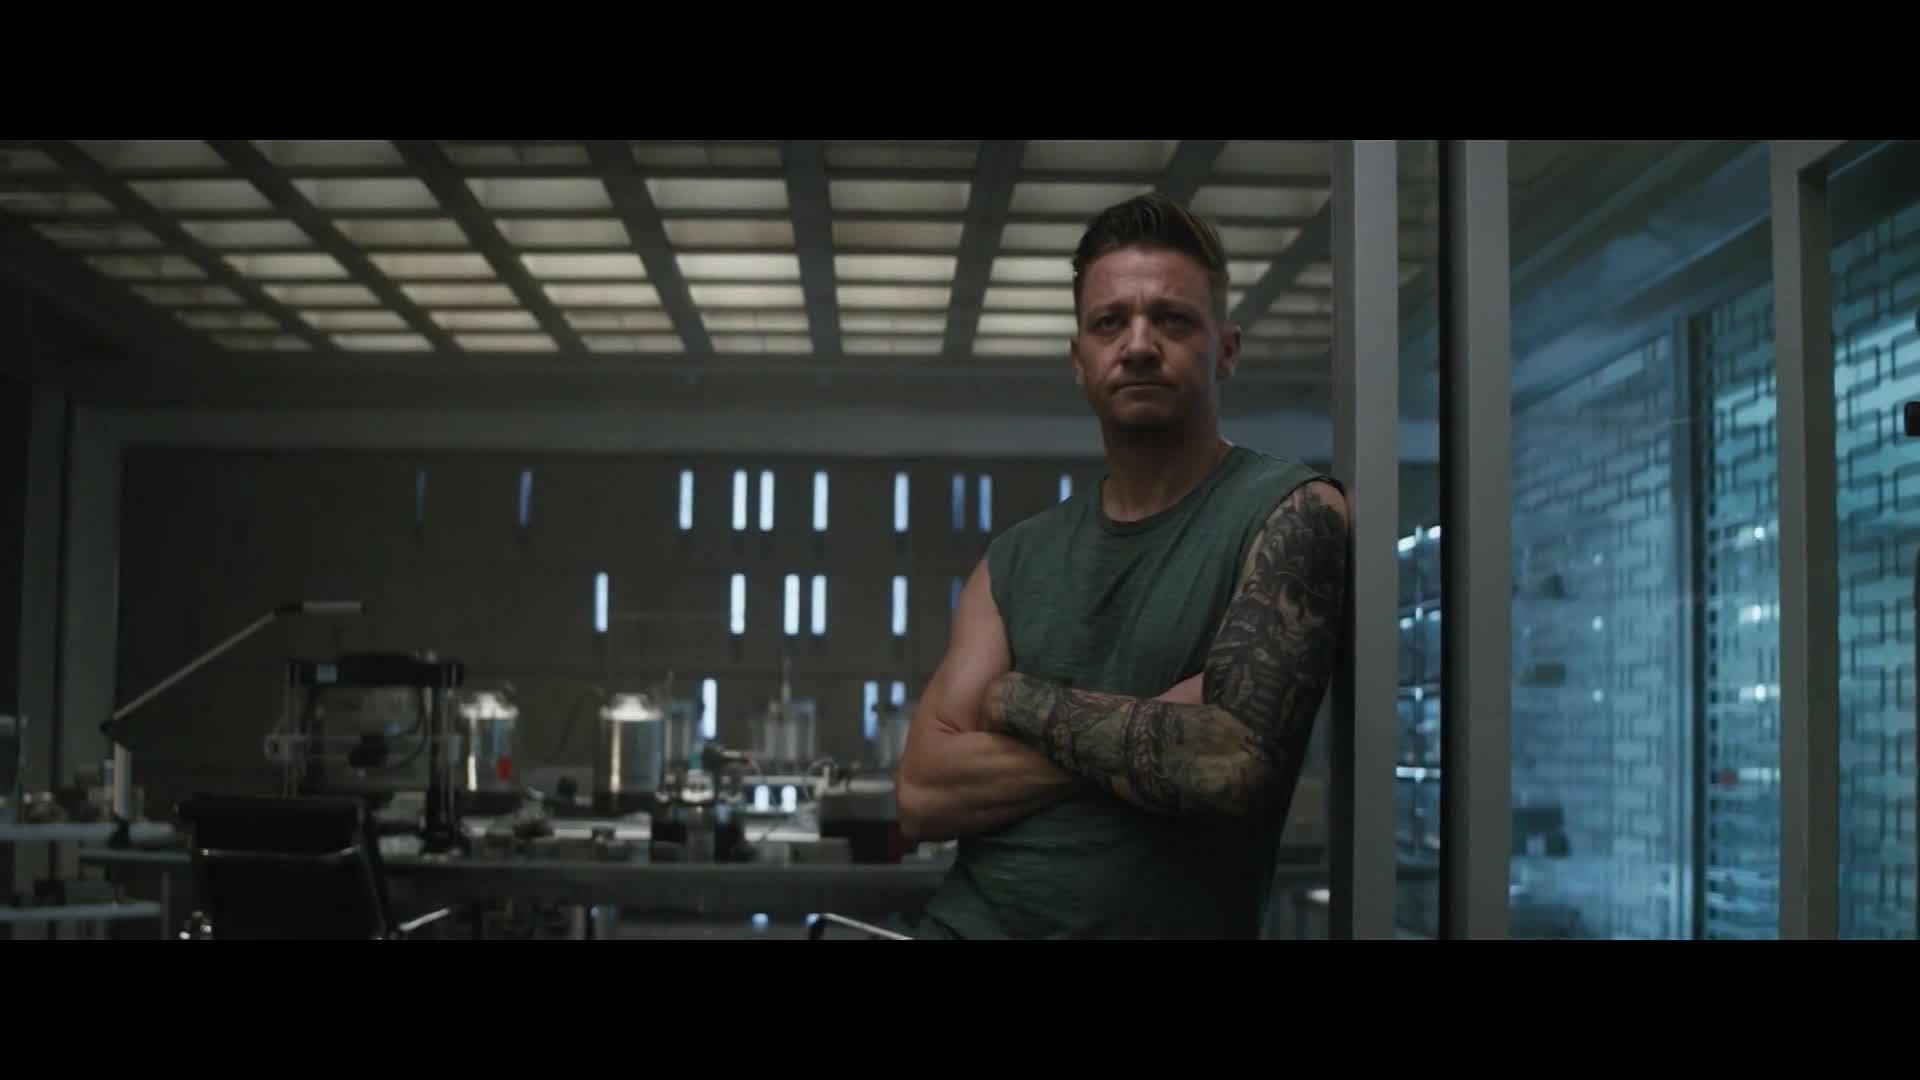 Avengers Endgame: Biggest opening night ever